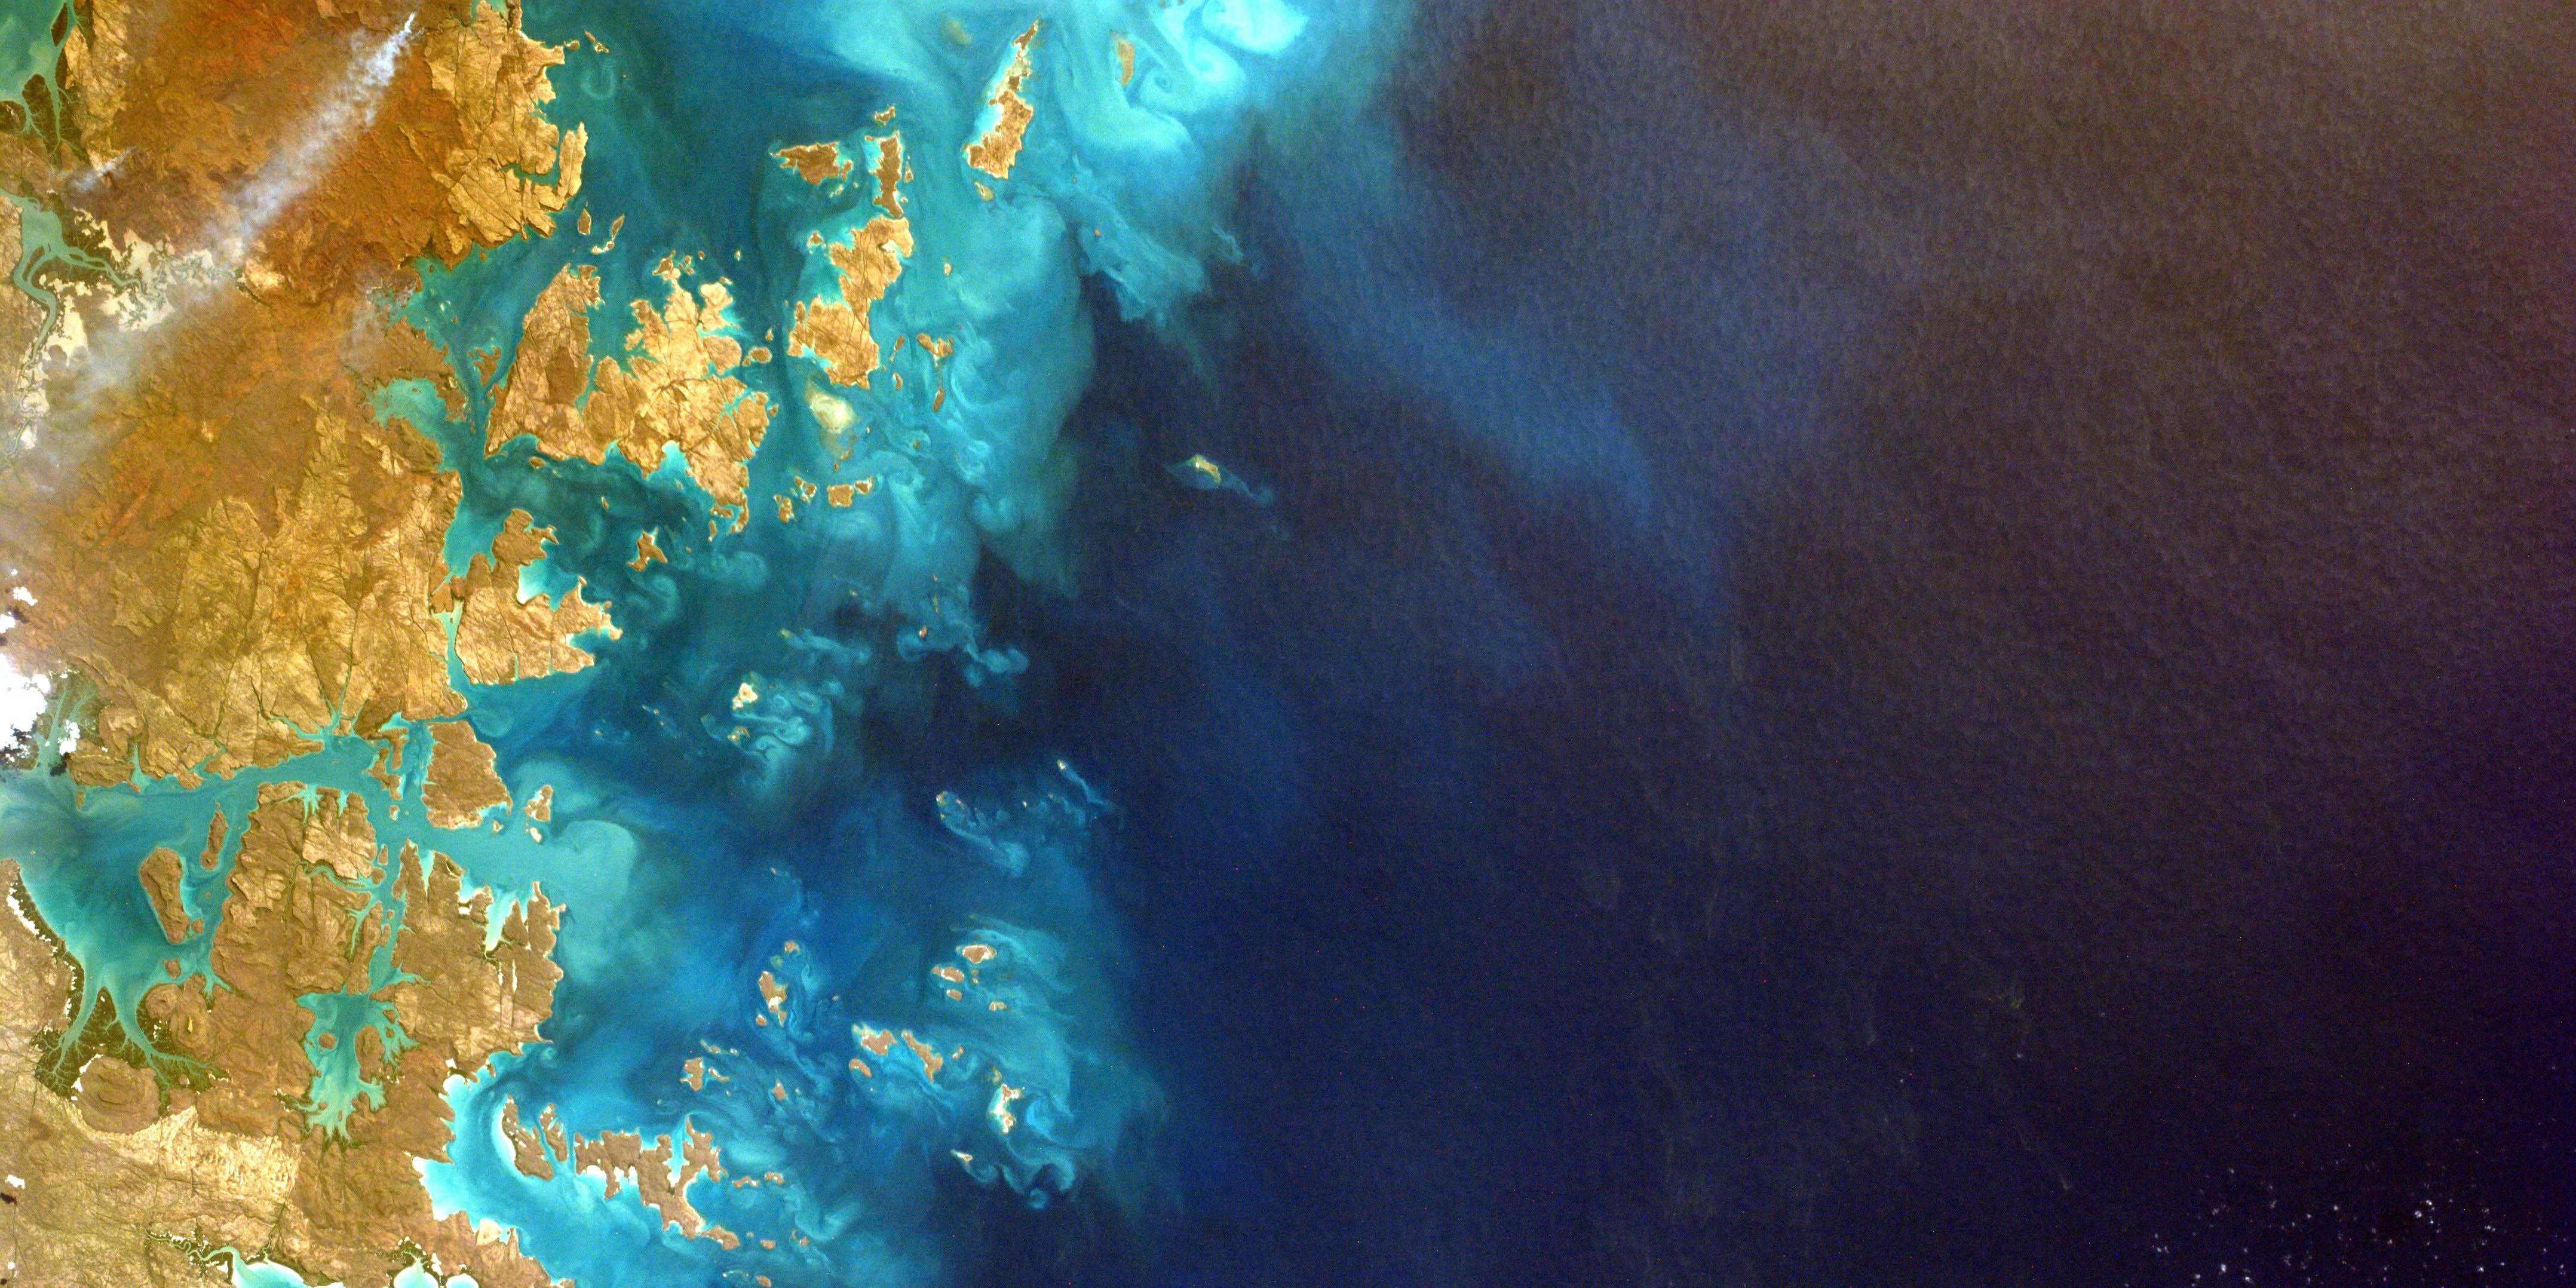 Fika & forskning: om hållbar utveckling